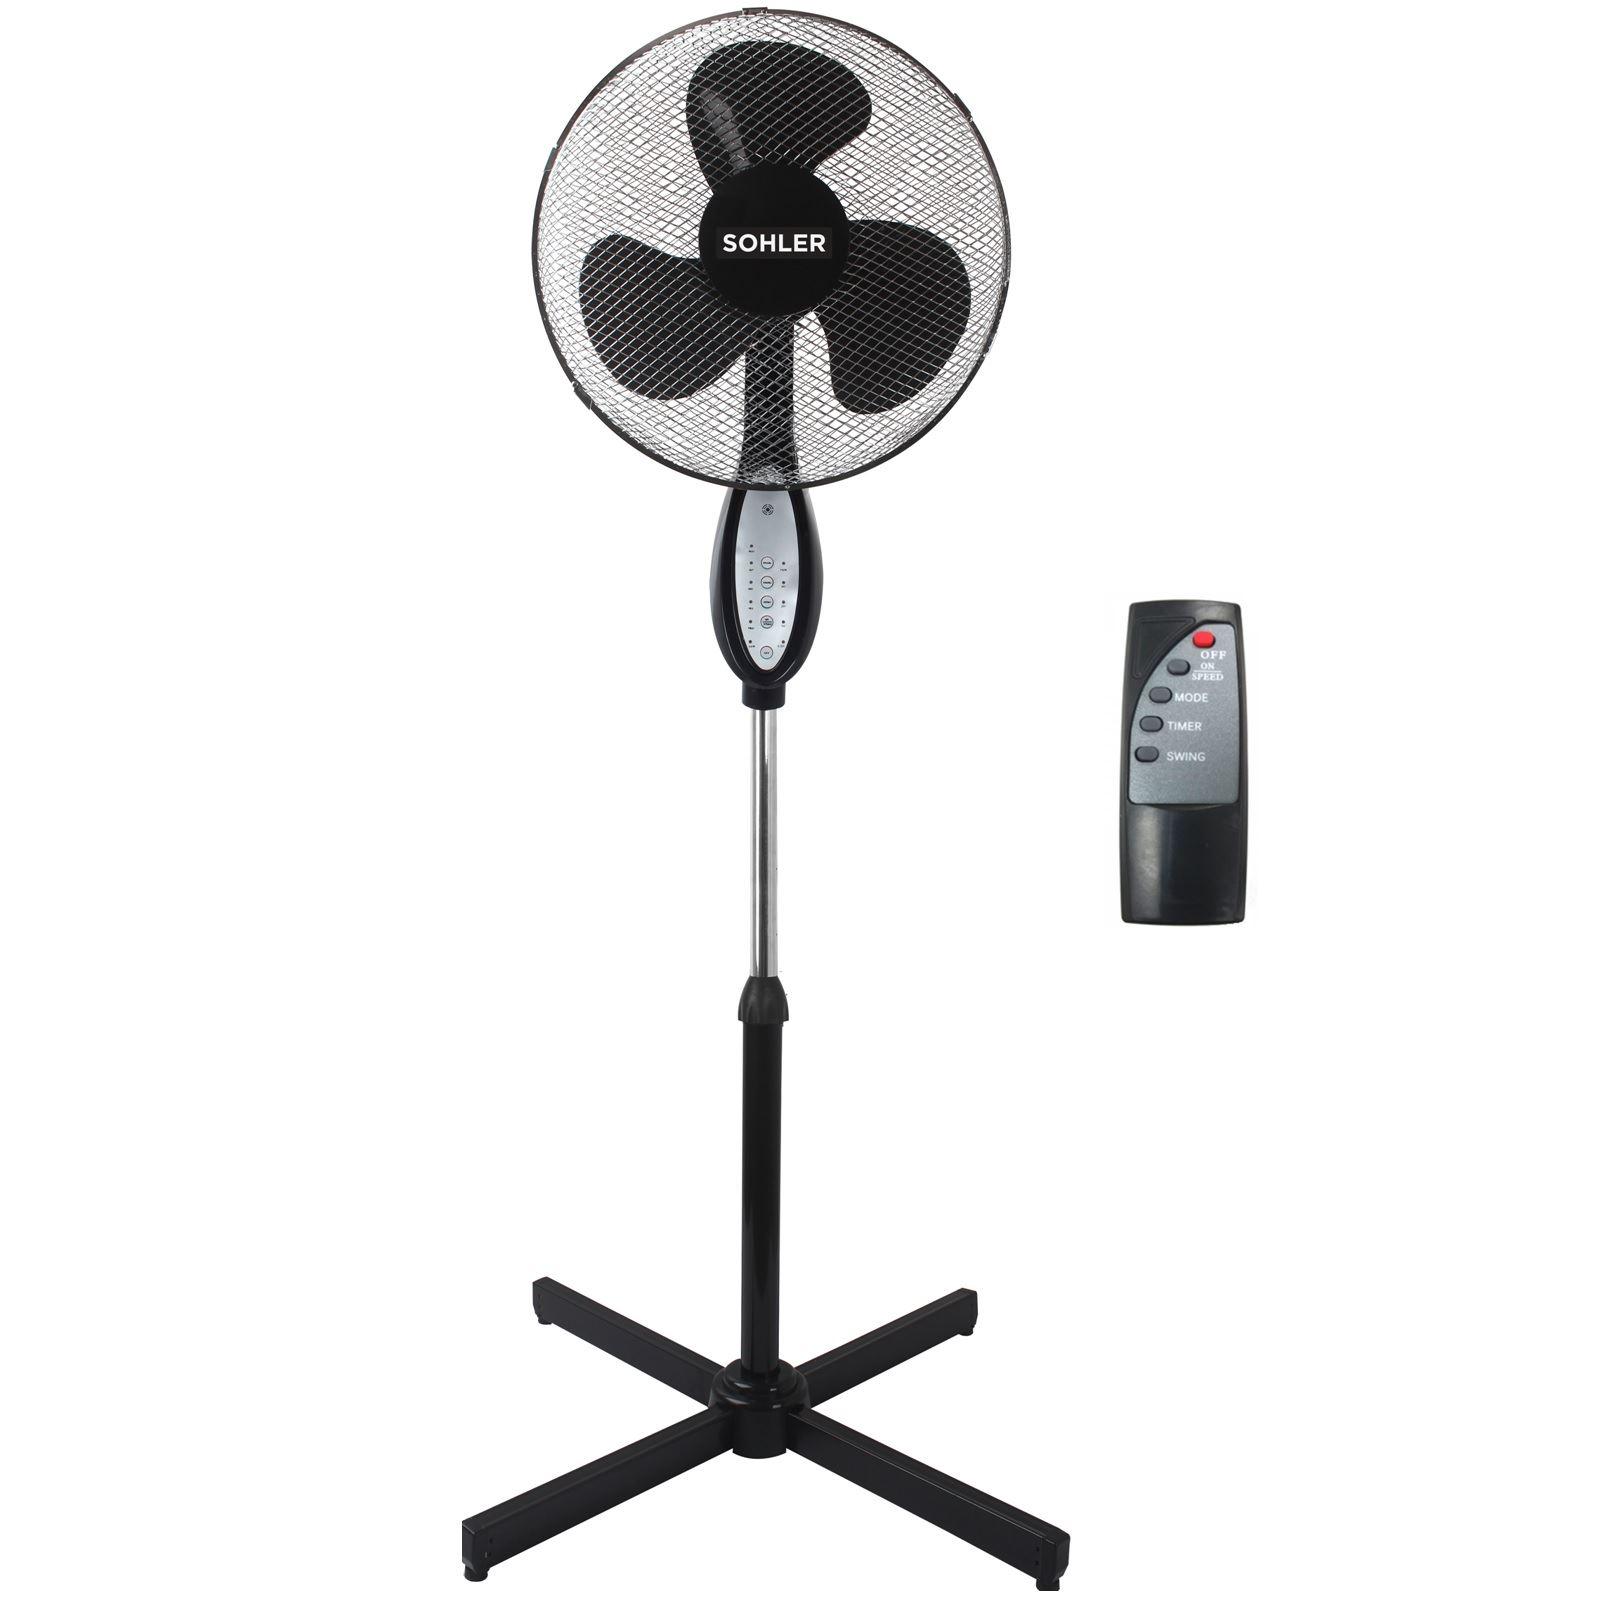 Details Sur Noir Telecommande Debout Piedestal Stand Ventilateur Reglable Oscillant Rotatif